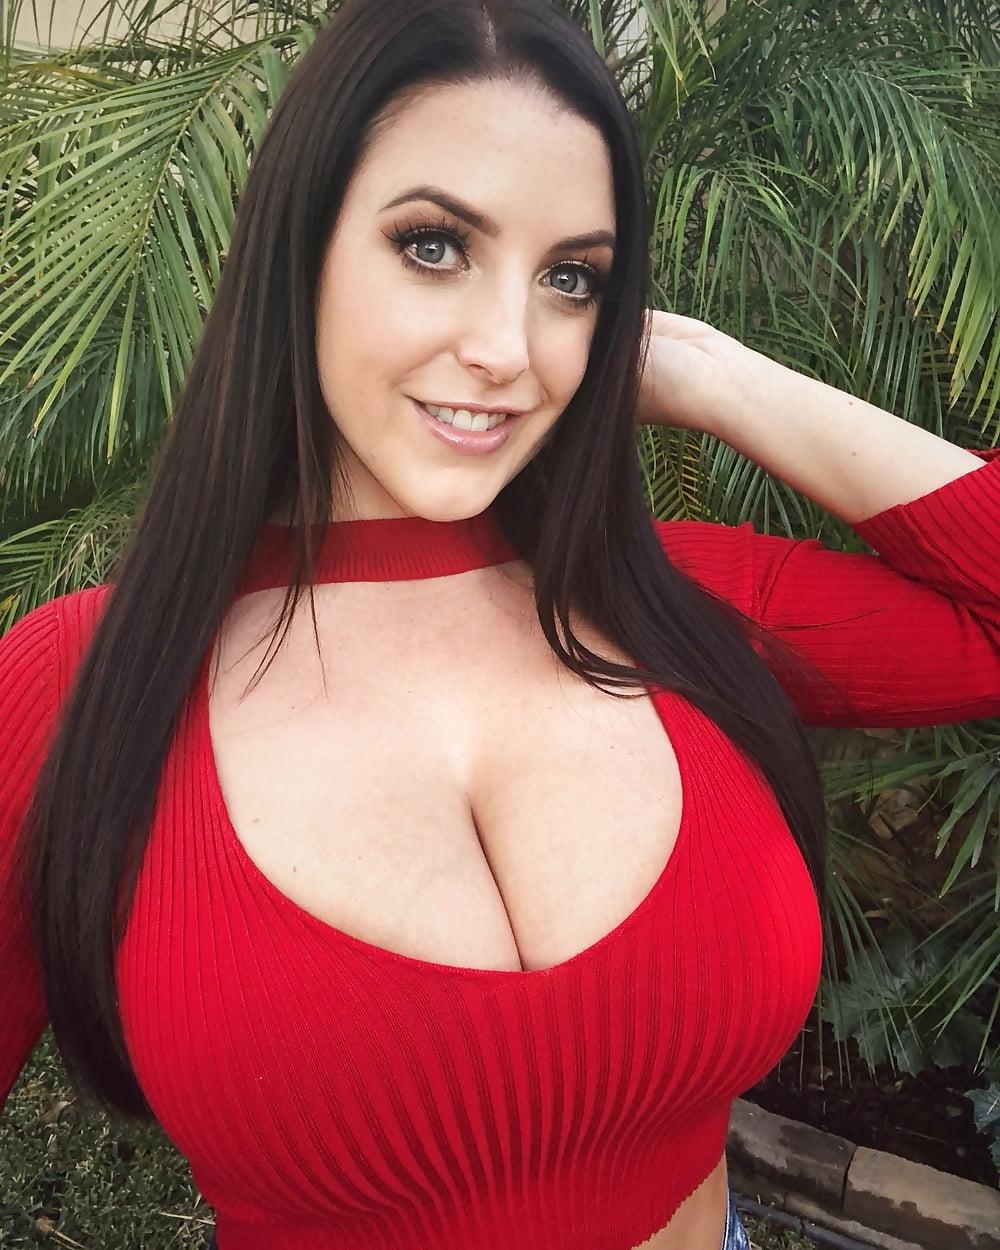 фото секс большой груд